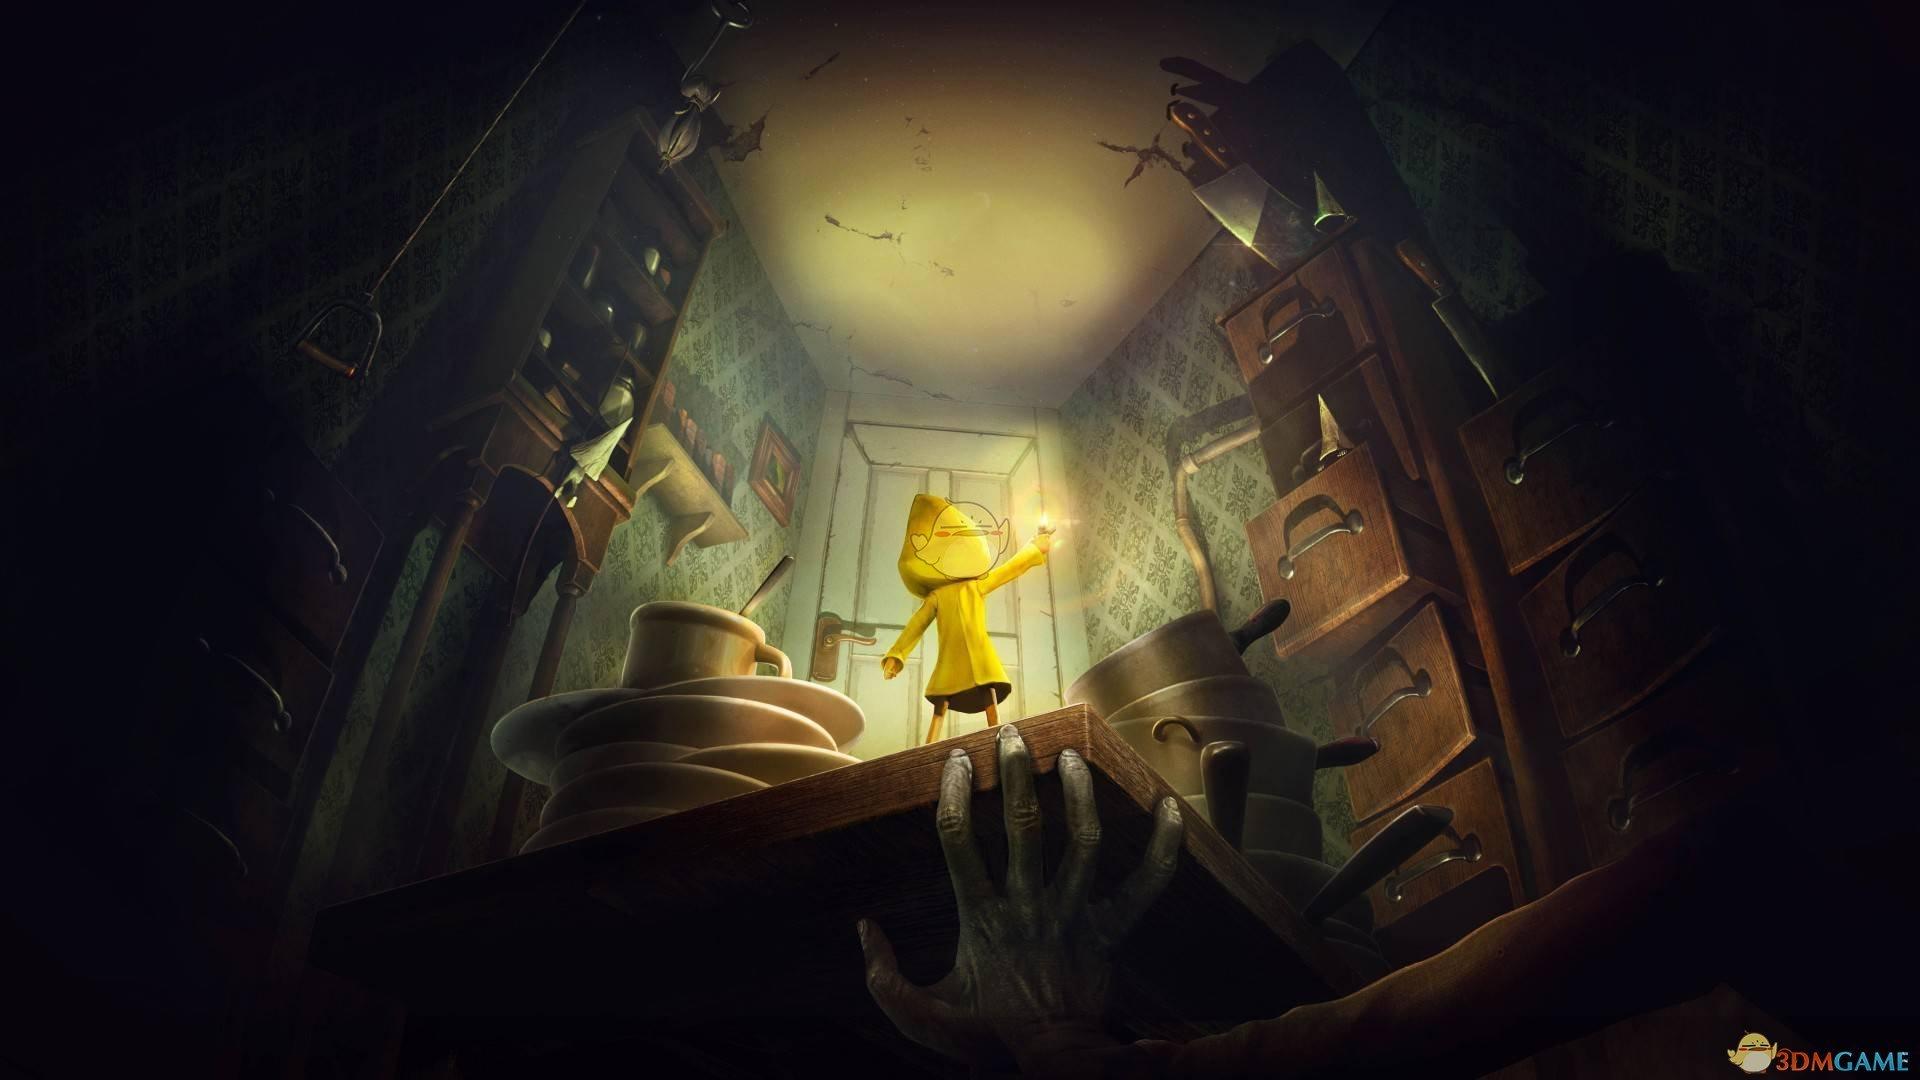 《小小噩梦》结局什么意思 游戏剧情深度推测